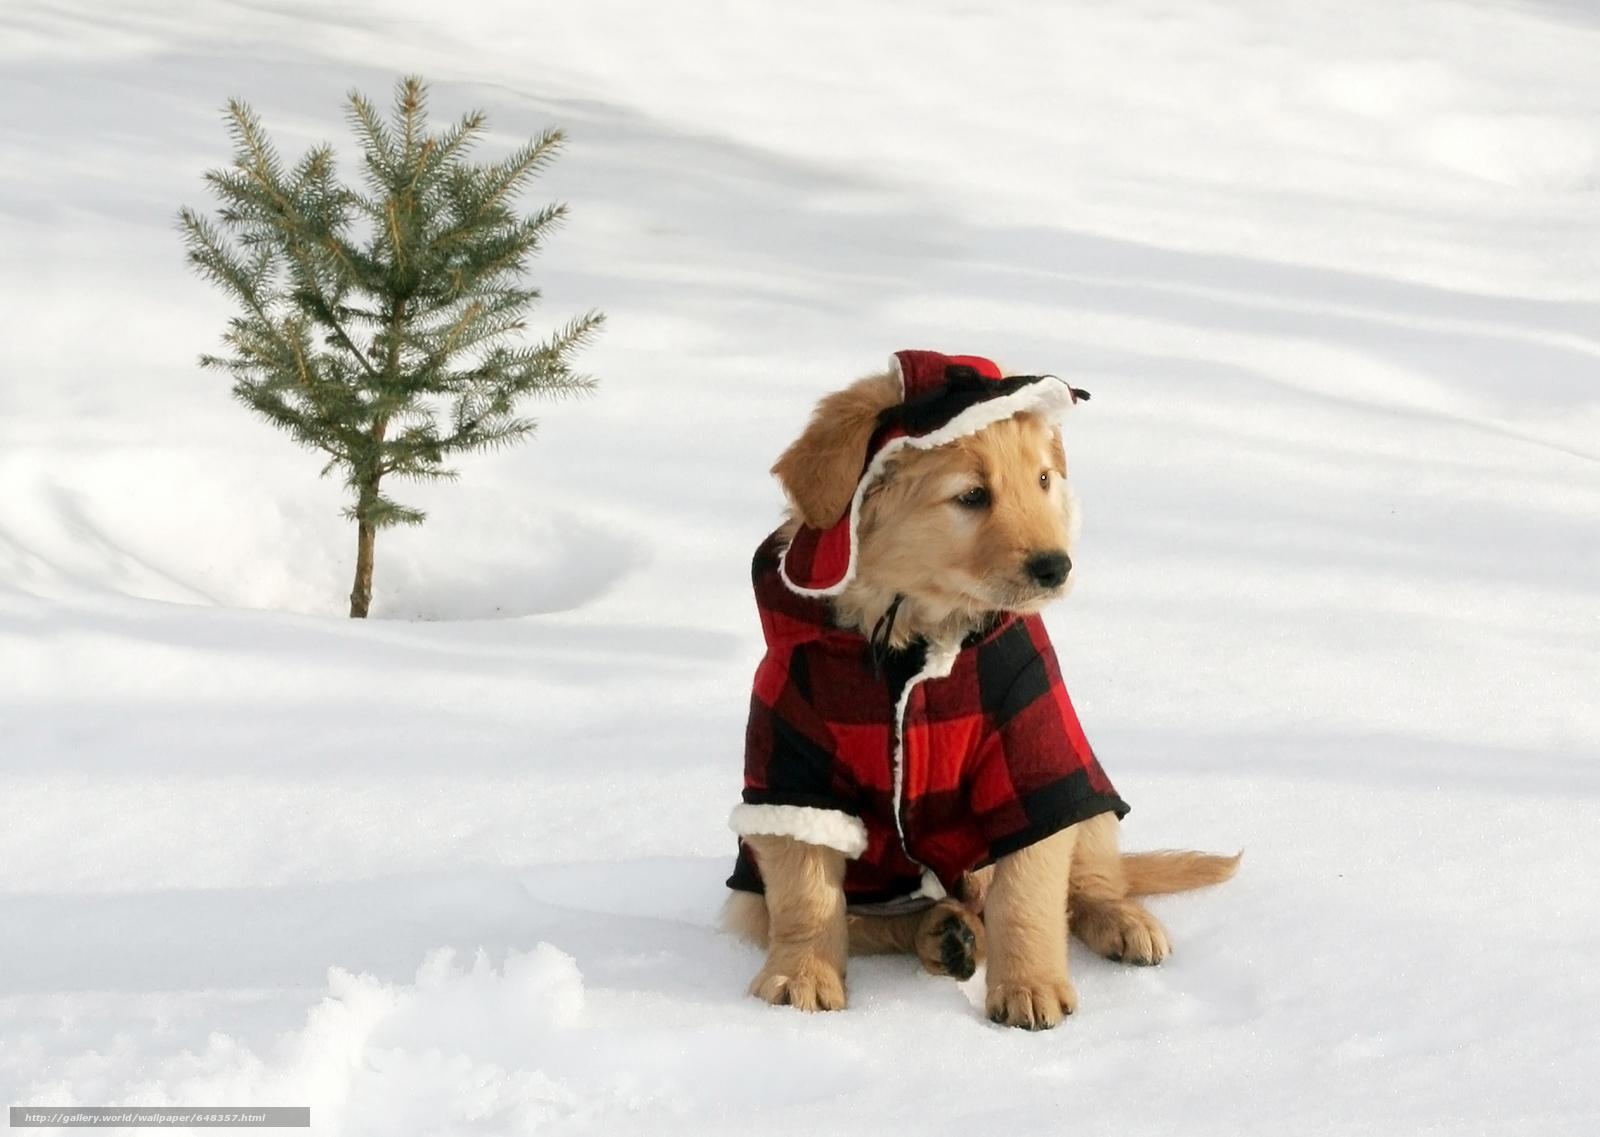 Скачать обои собака,  собаки,  животные,  щенок бесплатно для рабочего стола в разрешении 4220x3000 — картинка №648357